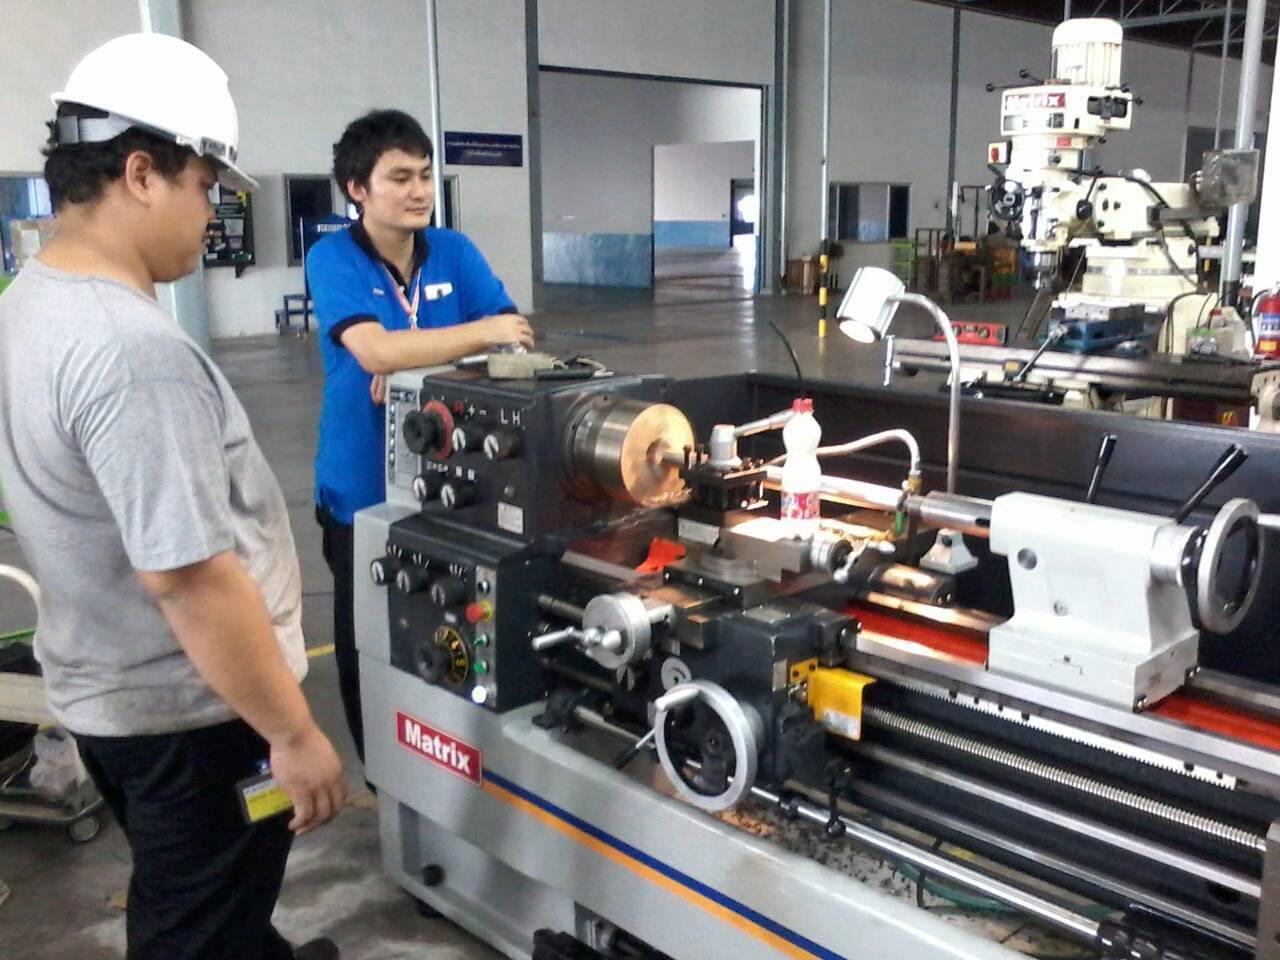 งานติดตั้งเครื่องกลึง @ ไดอะเรซิบอน ประเทศไทย นิคมอุตสาหกรรมปิ่นทอง 25-9-57